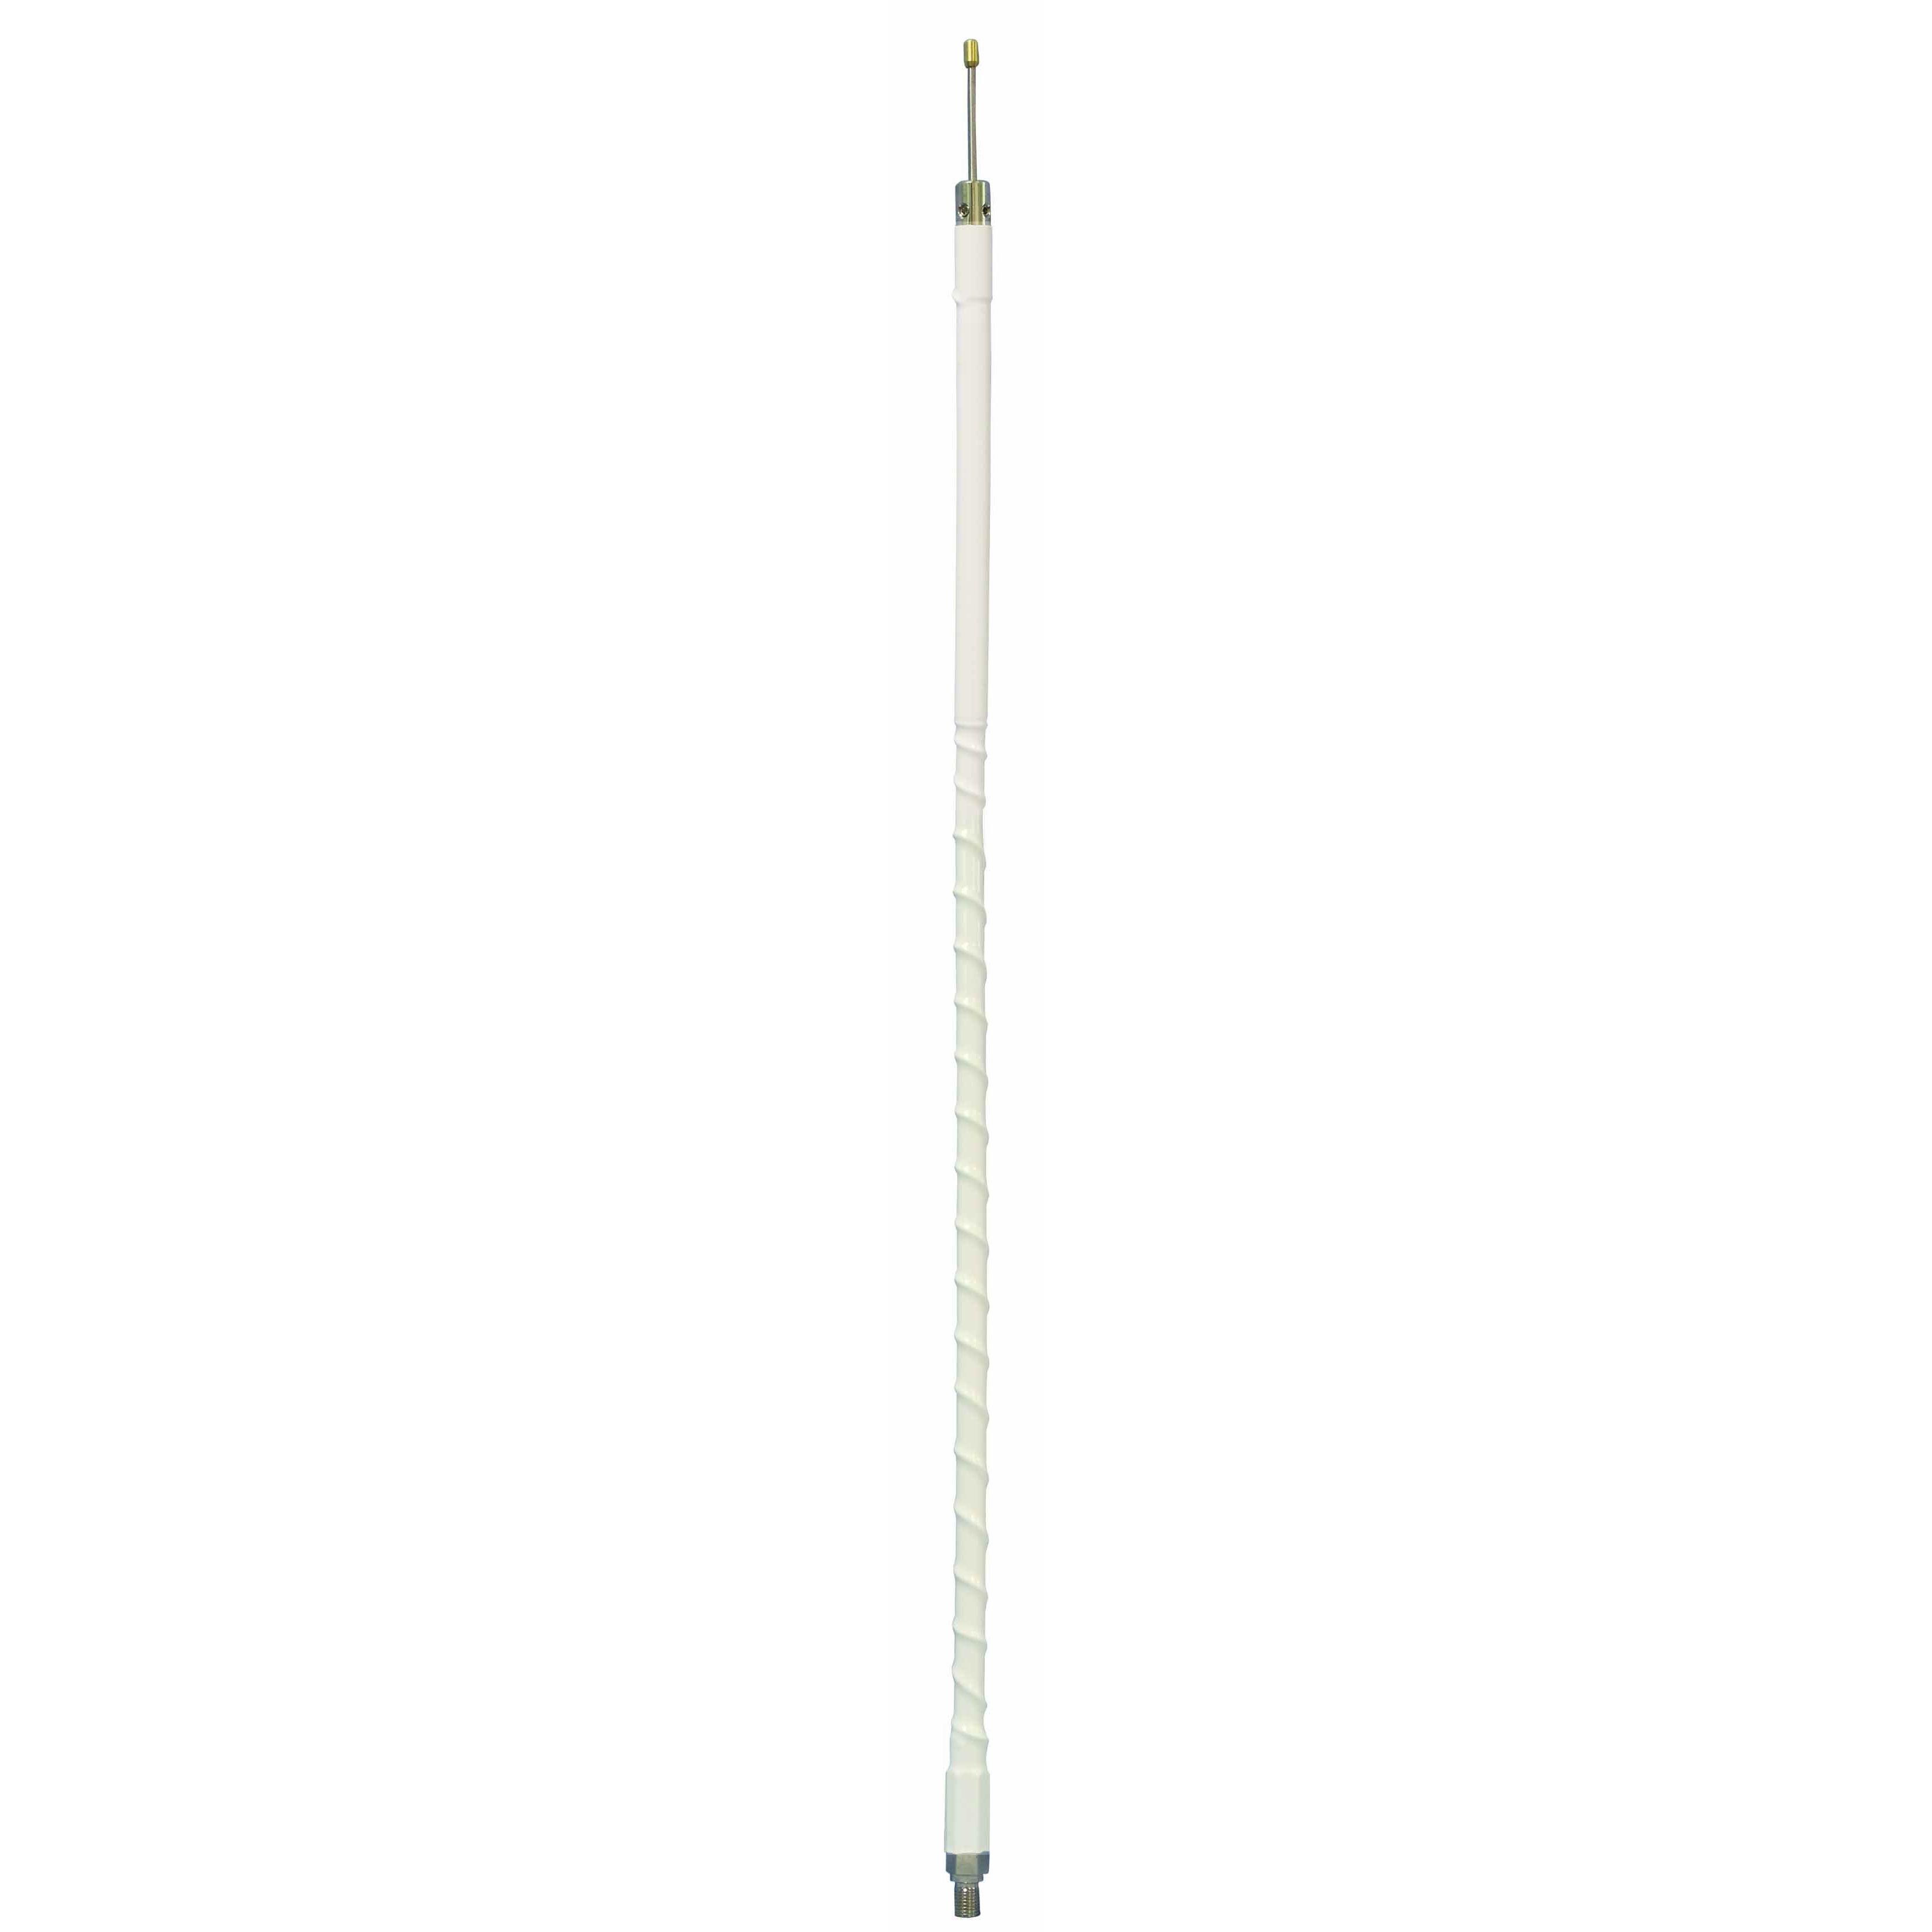 AUFLEX2-W - 2' White Superflex CB Antenna